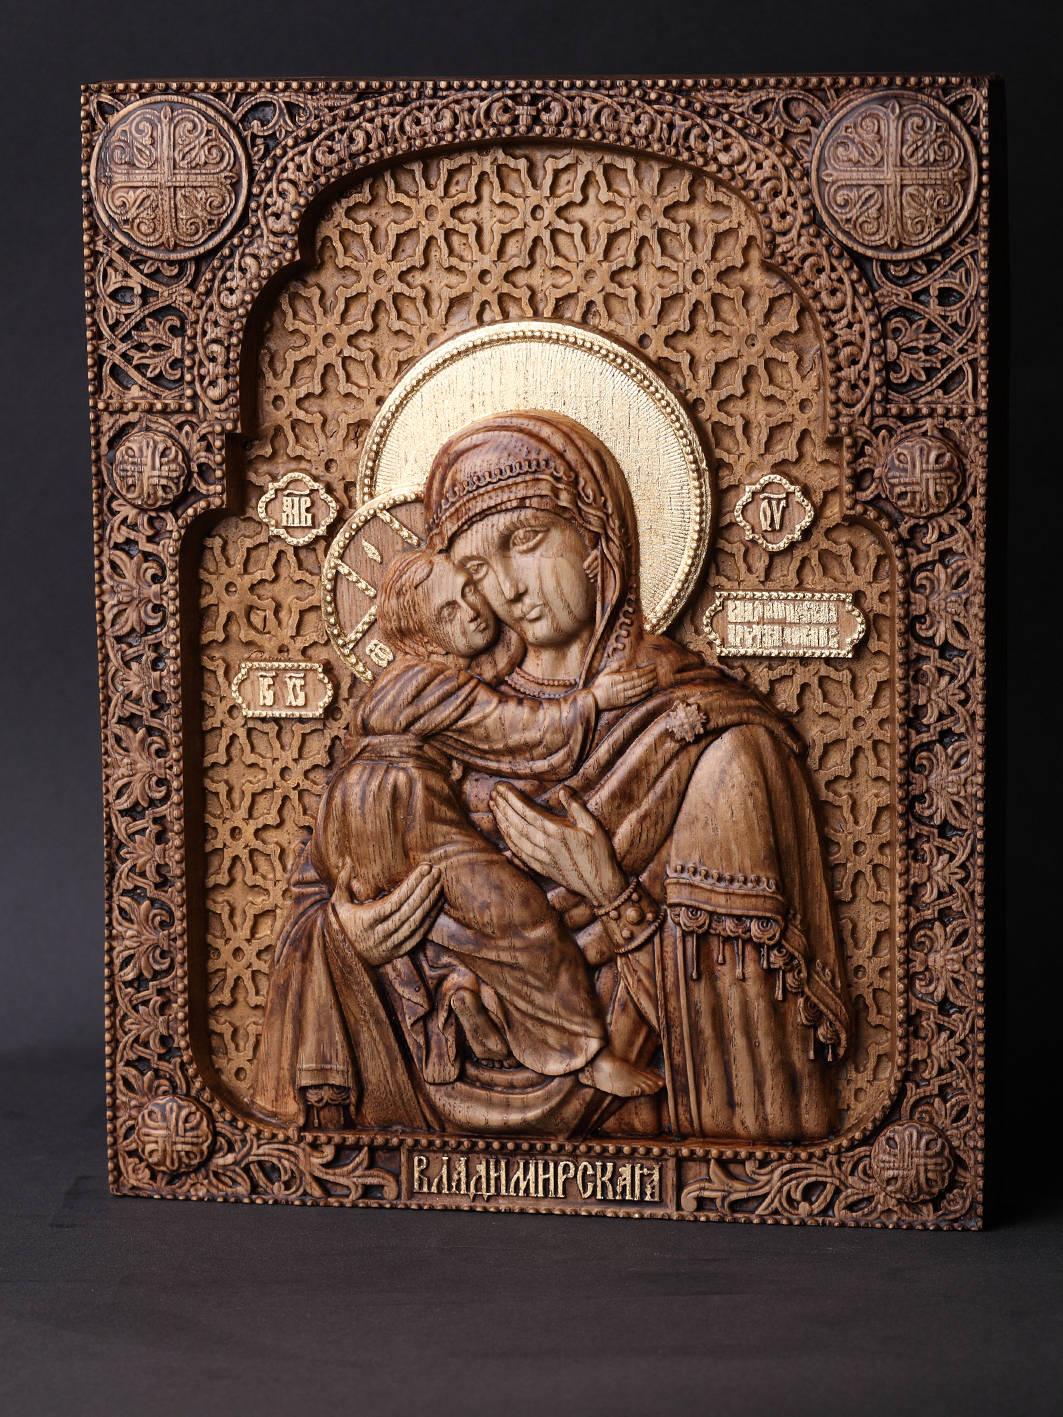 Икона Владимирской Божией Матери. Материал дерево ясень.Сусальное золото,воски. Размер 18,5х23,5 см